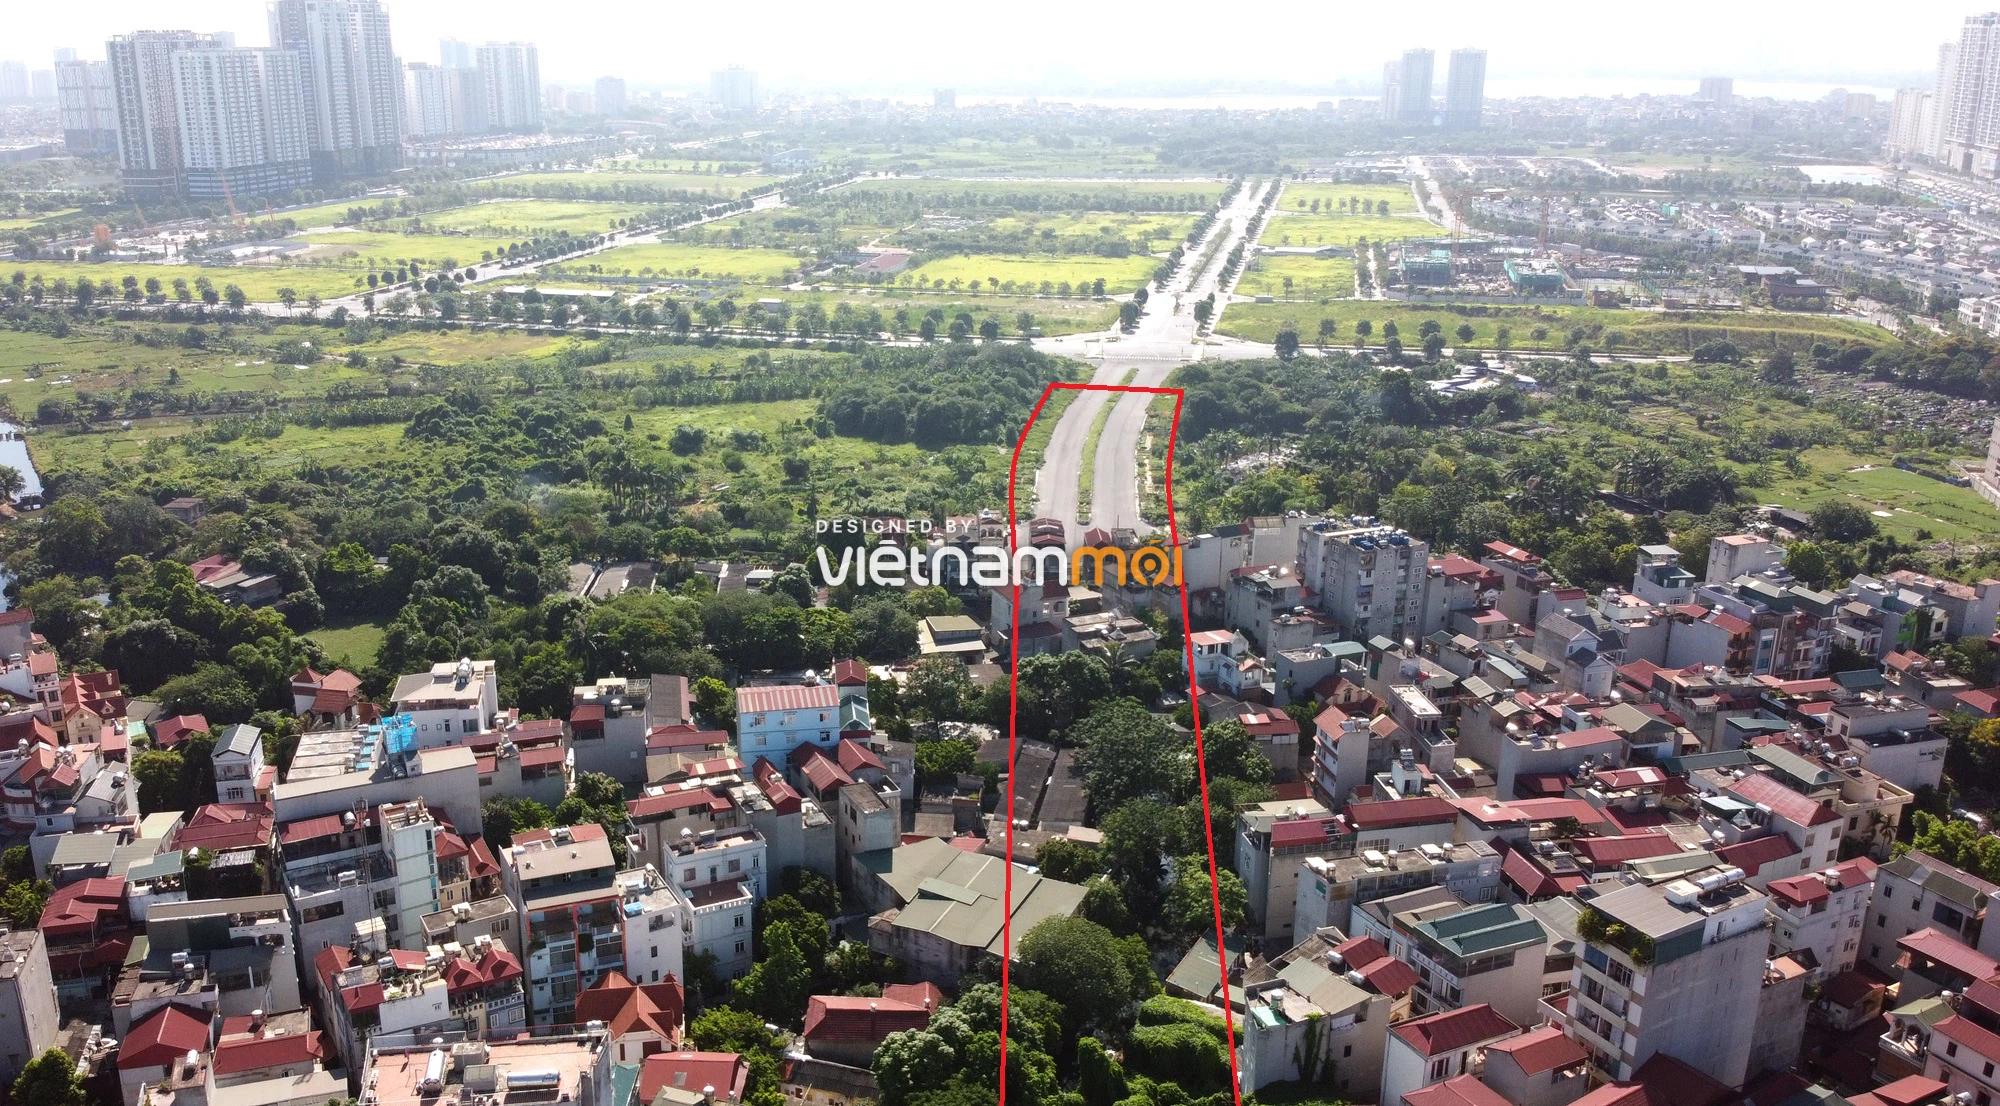 Những khu đất sắp thu hồi để mở đường ở quận Bắc Từ Liêm, Hà Nội (phần 1) - Ảnh 14.